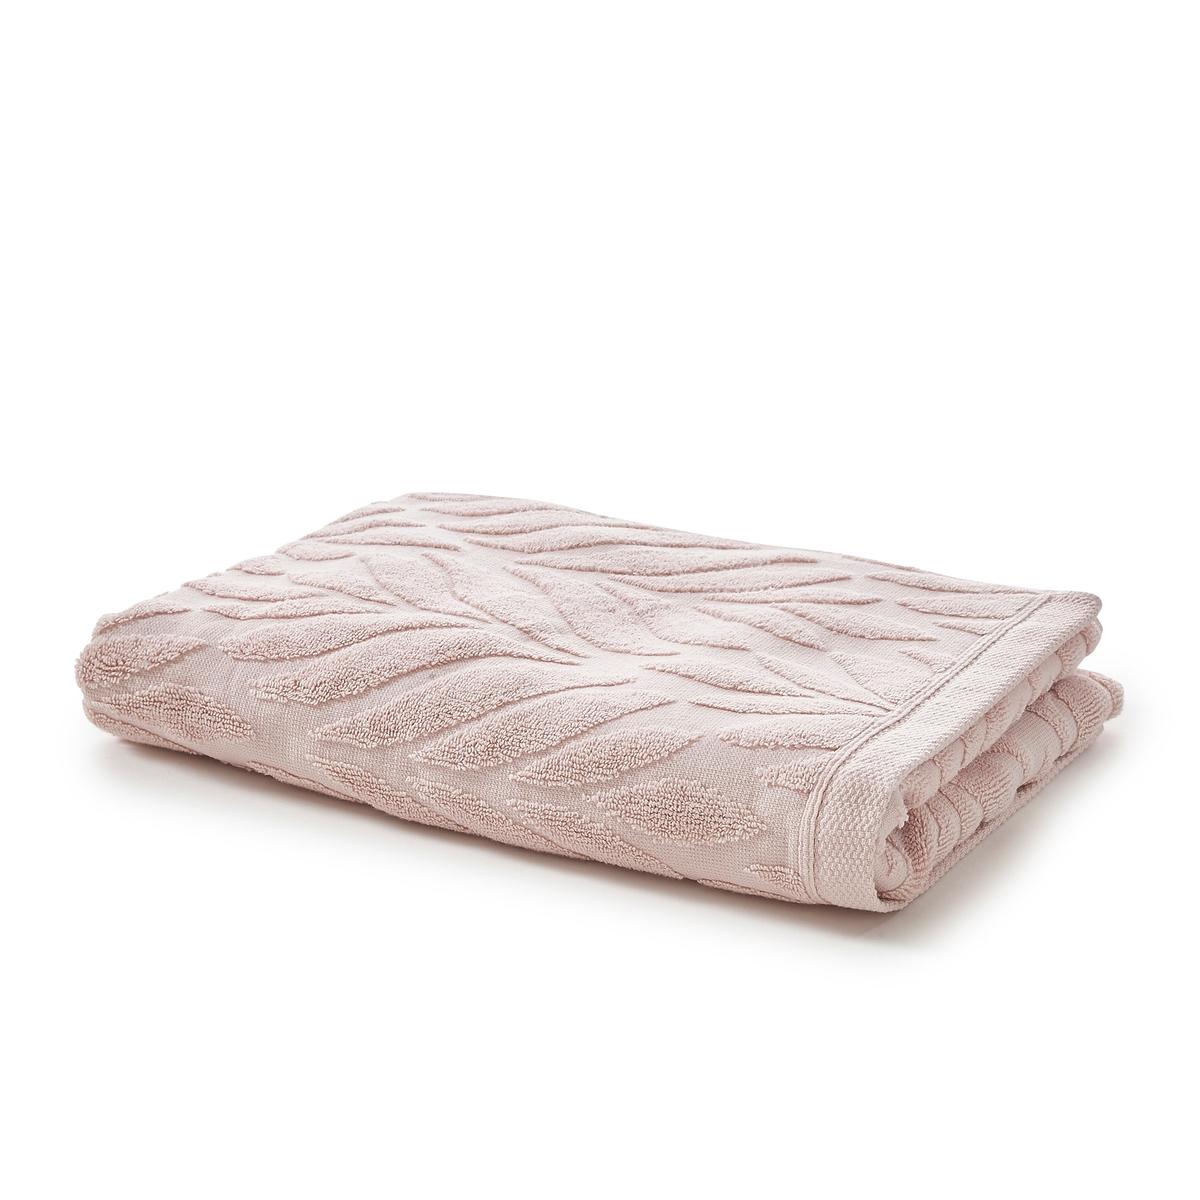 Полотенце из махровой ткани, 500 г/м?, VILA REALЭто махровое полотенце Vila Real с деликатной отделкой обладает исключительными впитывающими свойствами, оно невероятно мягкое и удобное !Характеристики махрового полотенца Vila Real :Малая пряжа 100% хлопок, 500 г/м?.Машинная стирка при 60 °С.Размеры махрового полотенца  Vila Real  :50 x 100 см.<br><br>Цвет: белый,серый,телесный